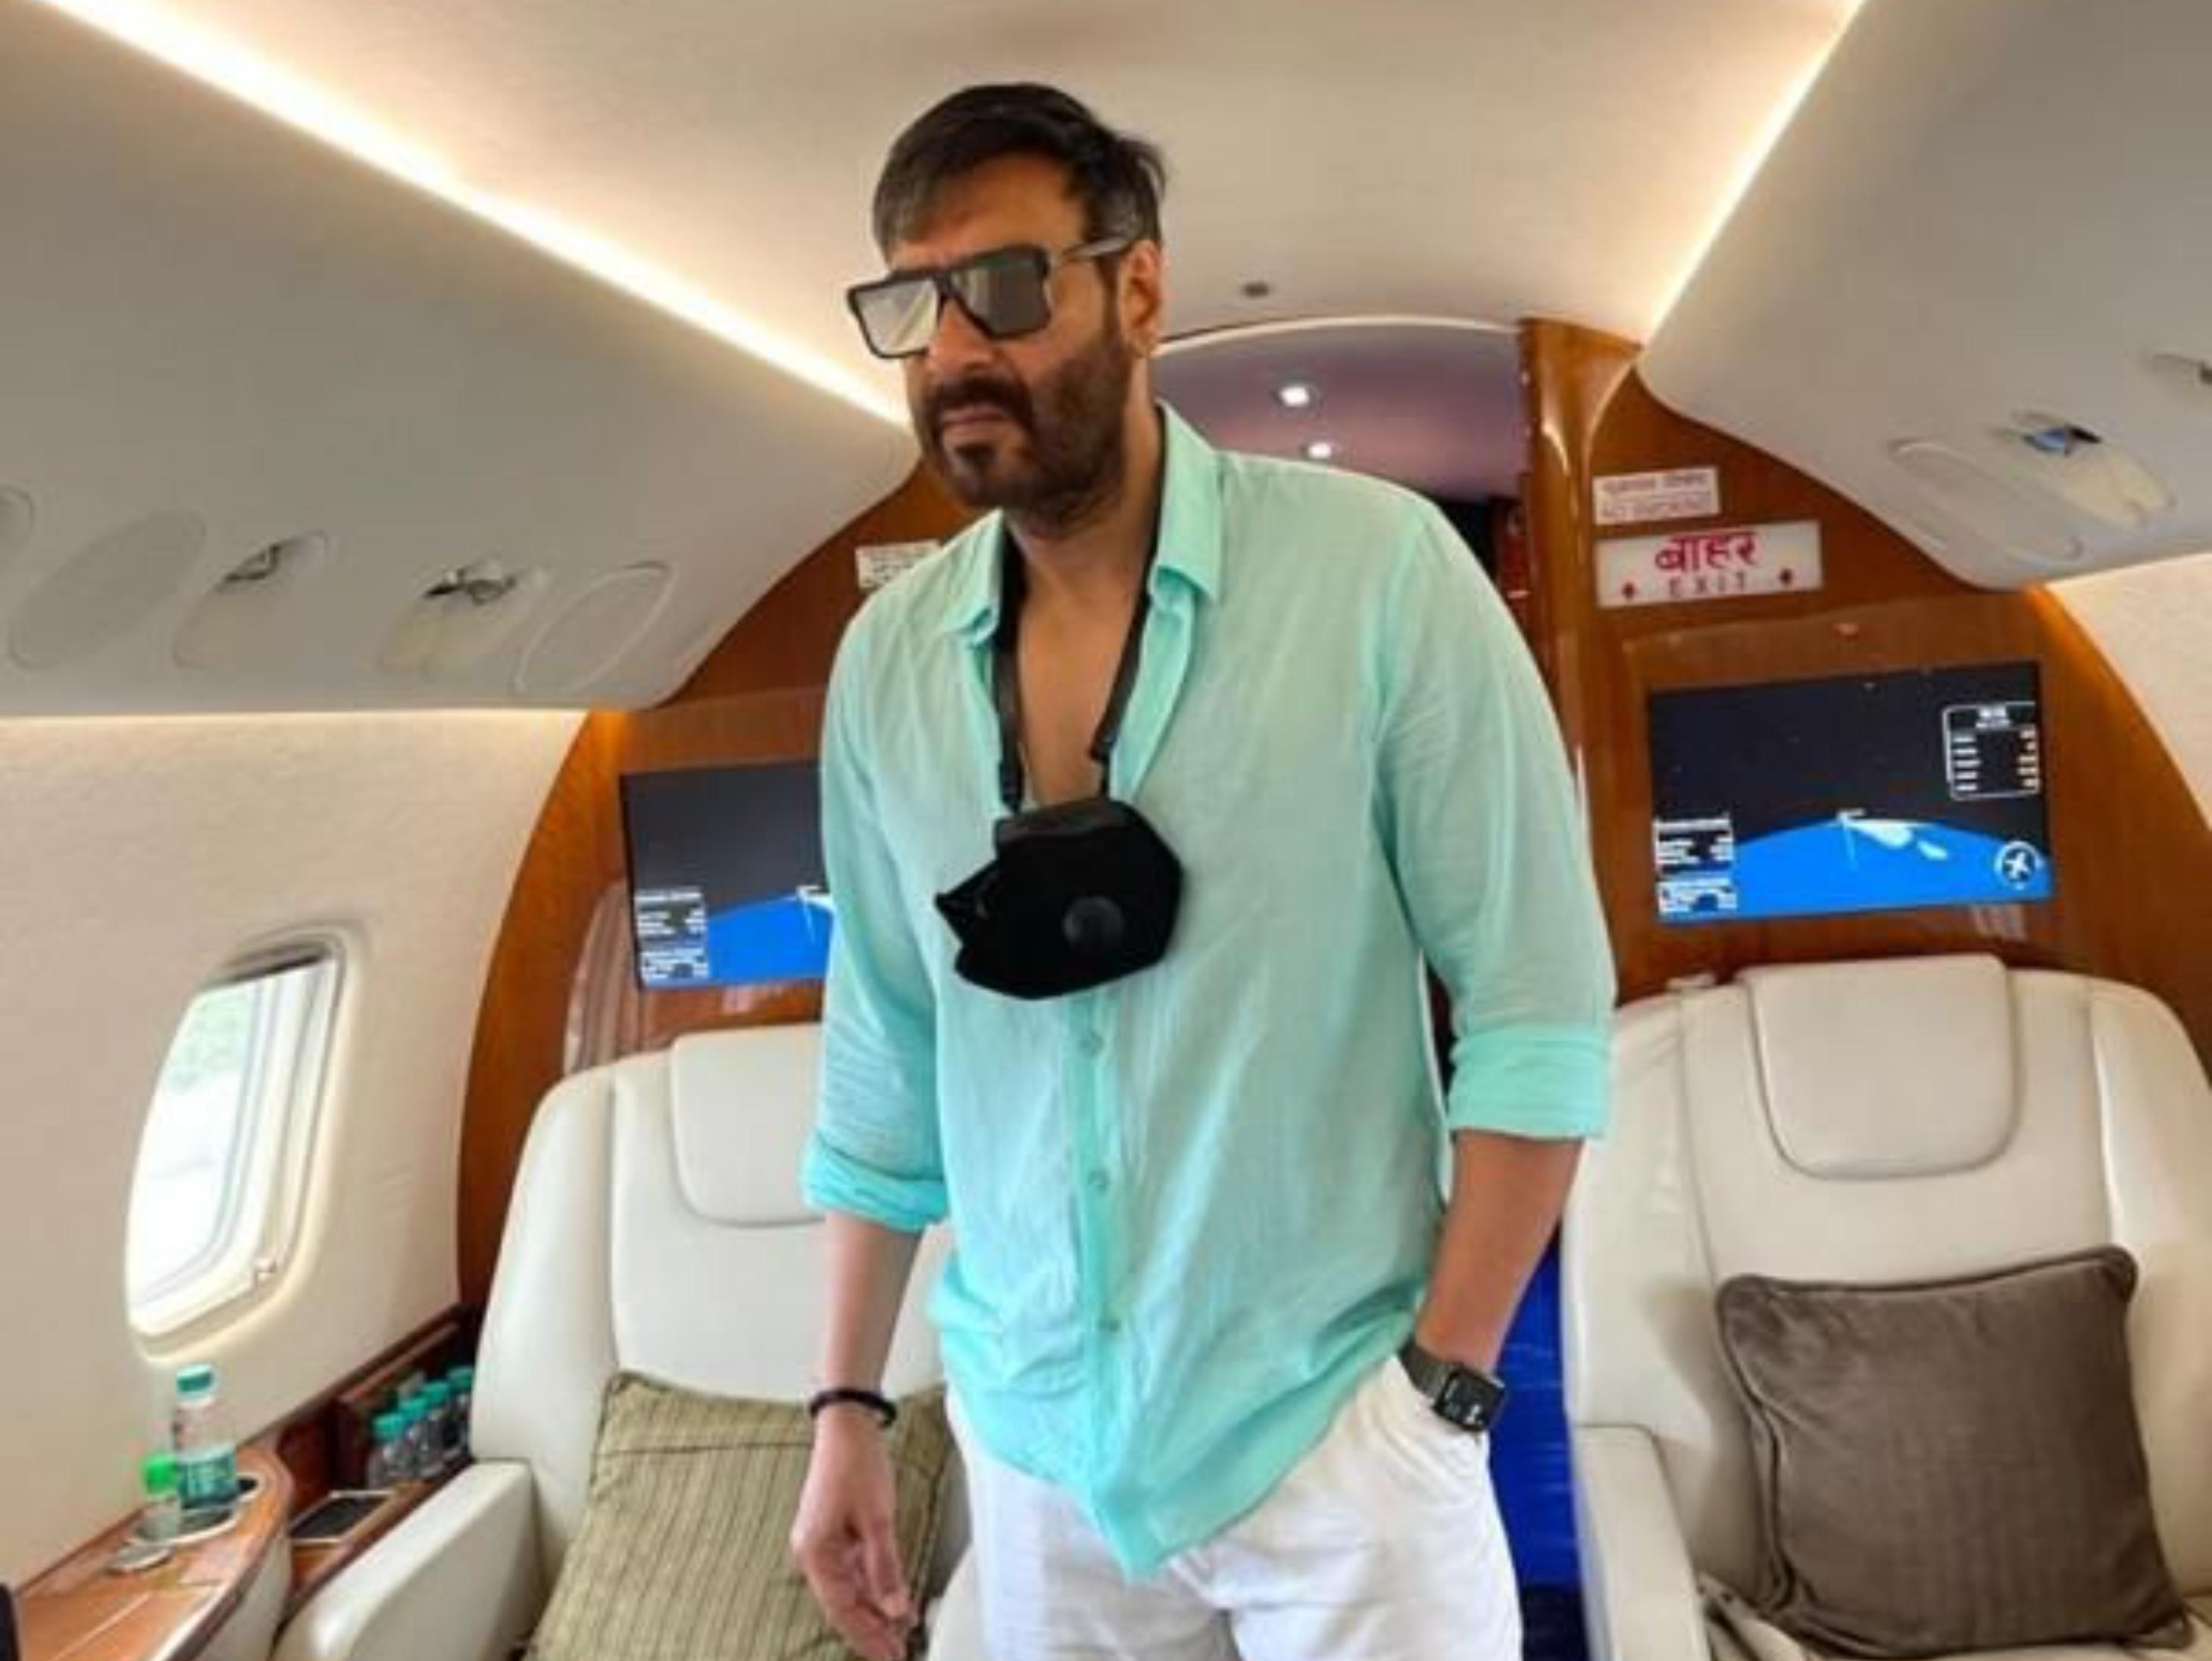 अजय देवगन एडवेंचर करने मालदीव रवाना, बेयर ने पूछा- गेस करो दूसरा बॉलीवुड सेलेब कौन|बॉलीवुड,Bollywood - Dainik Bhaskar